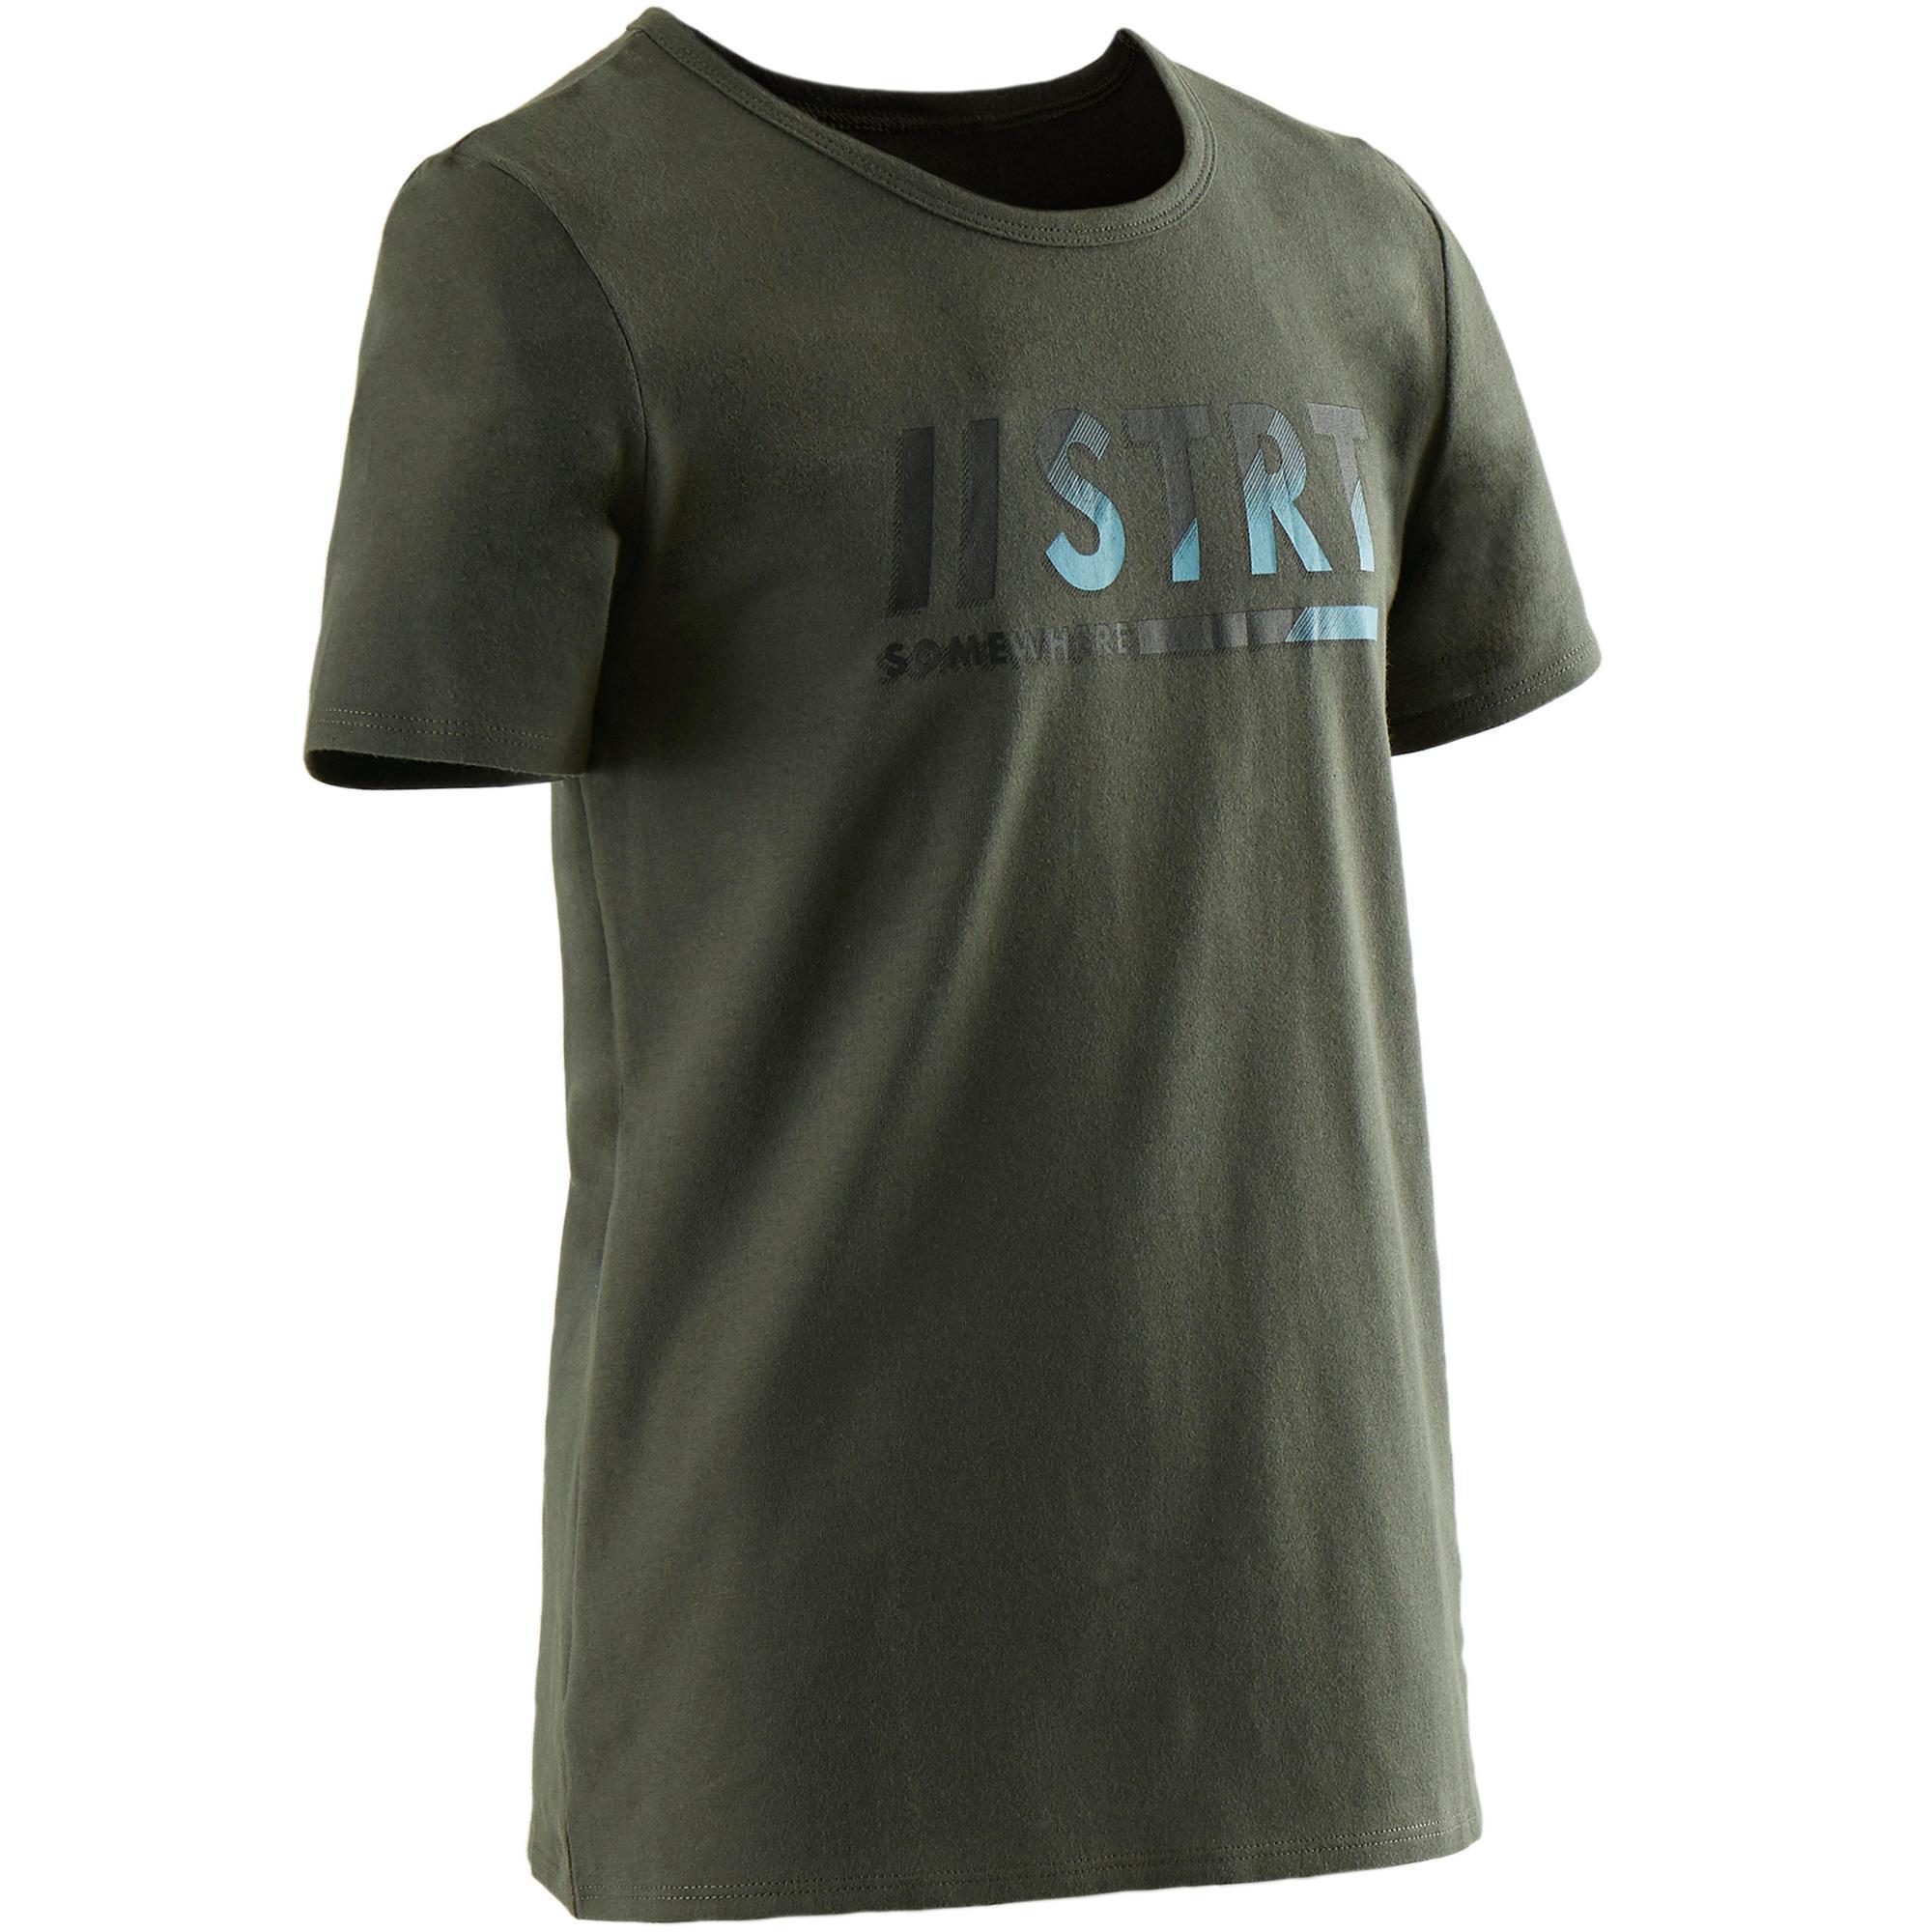 d9e66b03da049 T-shirts garçon